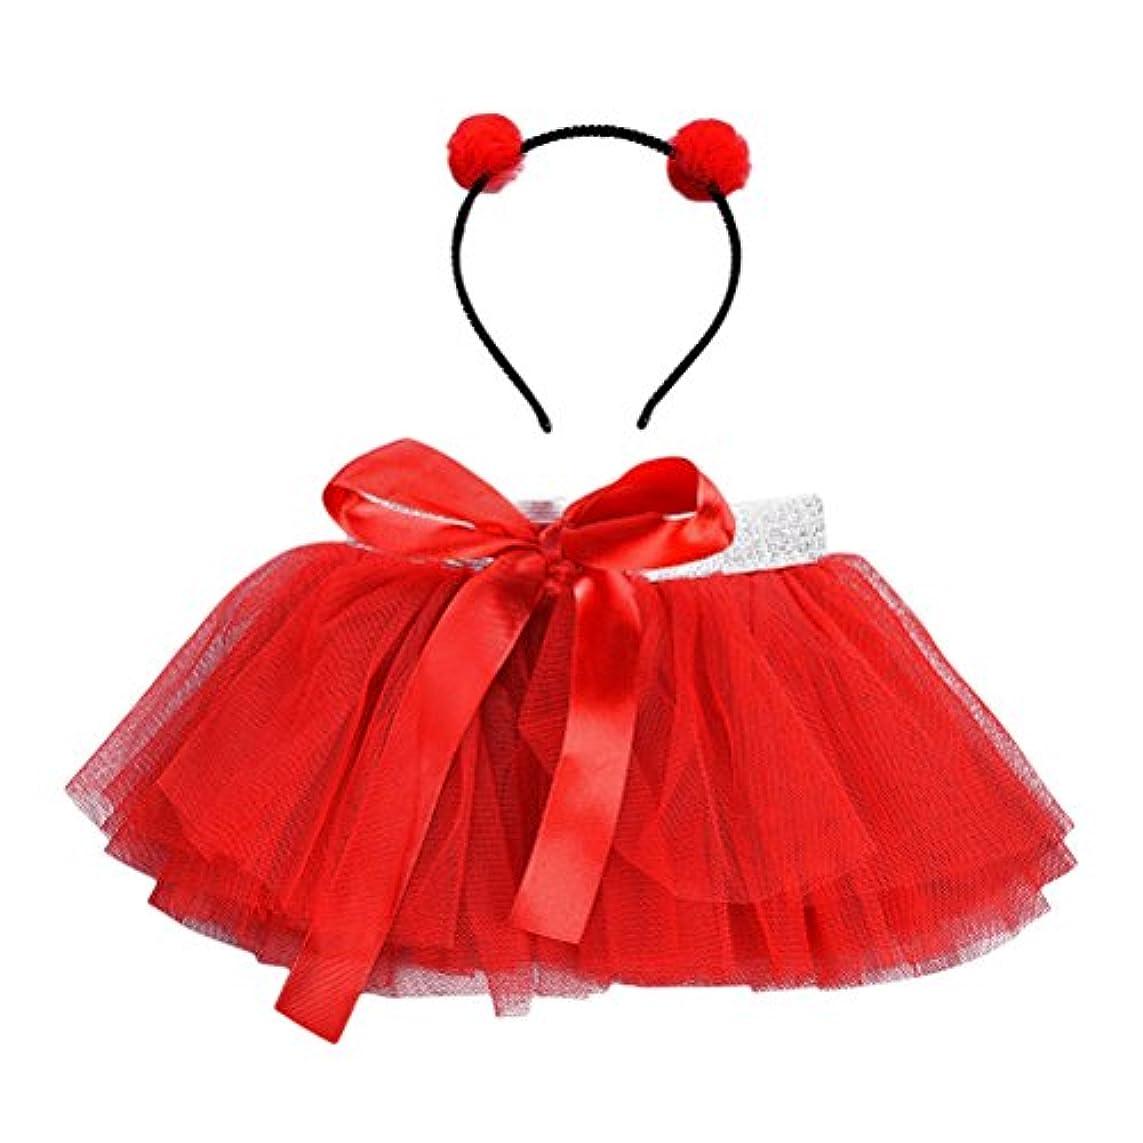 シンボル気づかない幻滅LUOEM 女の子TutuスカートセットヘッドバンドプリンセスガールTutuの服装赤ちゃん女の子Birthday Outfit Set(Red)